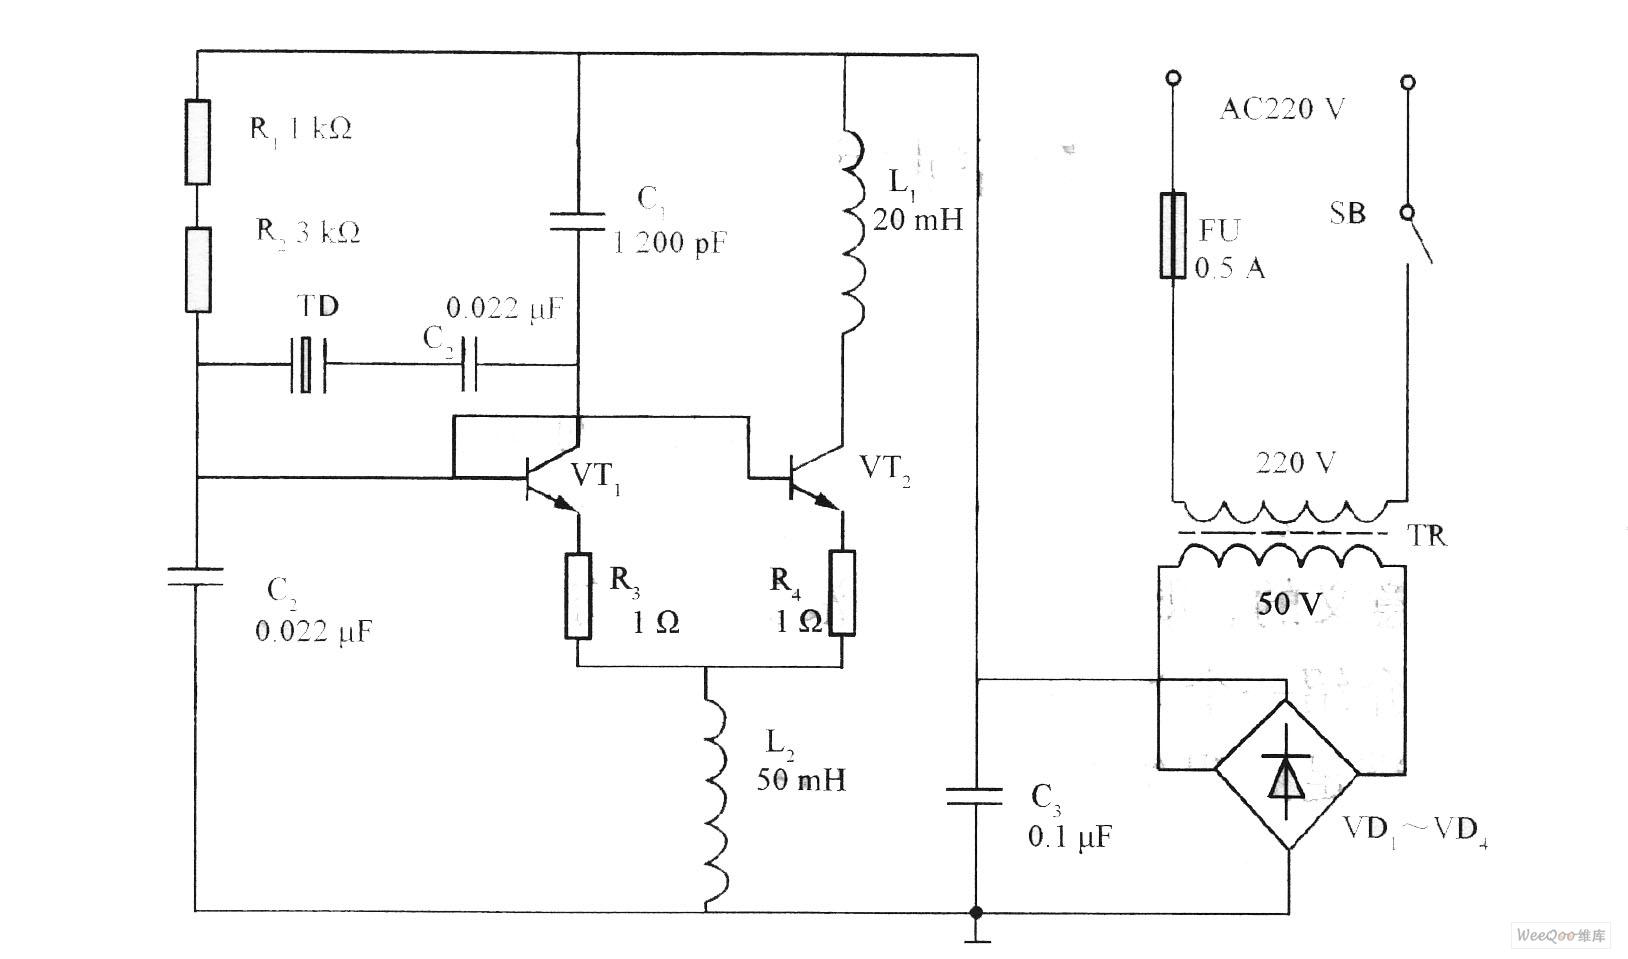 加法器逻辑组合电路图